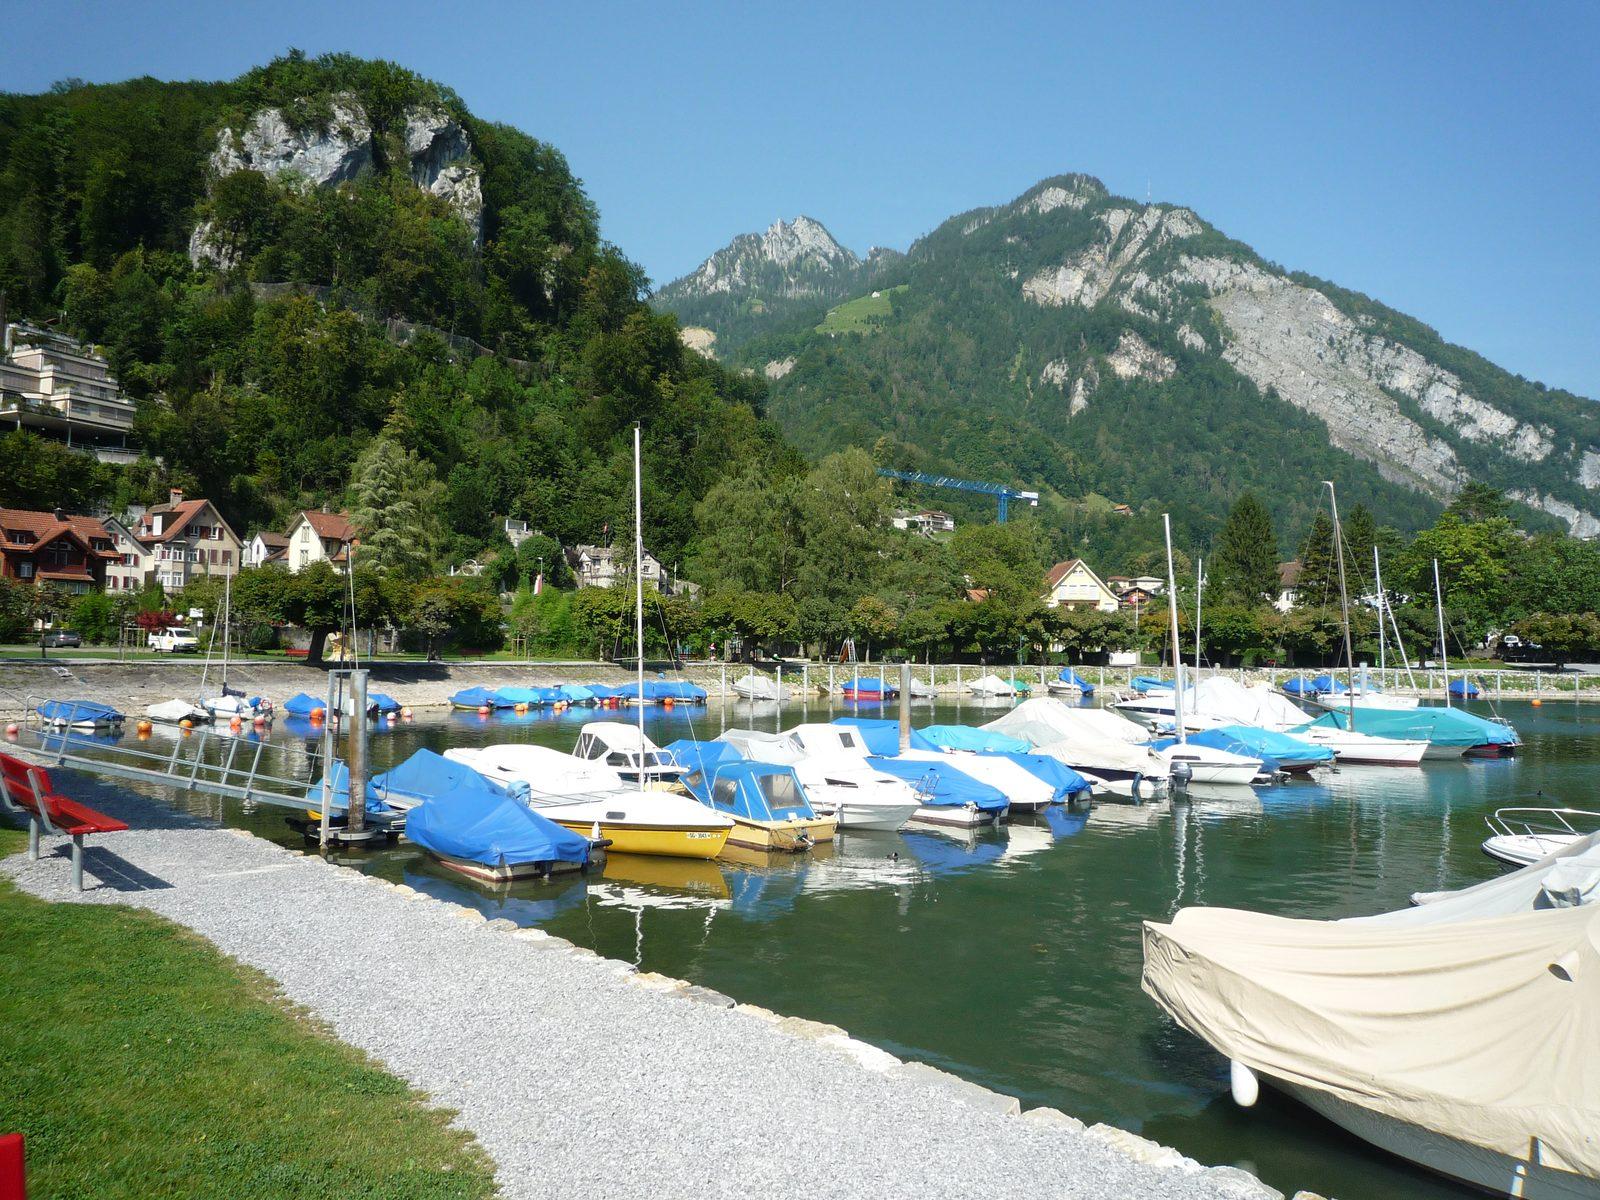 Die Apartments im Resort Walensee Schweiz liegen direkt am klaren Wasser, das eine magische Anziehung auf Wassersportfans ausübt